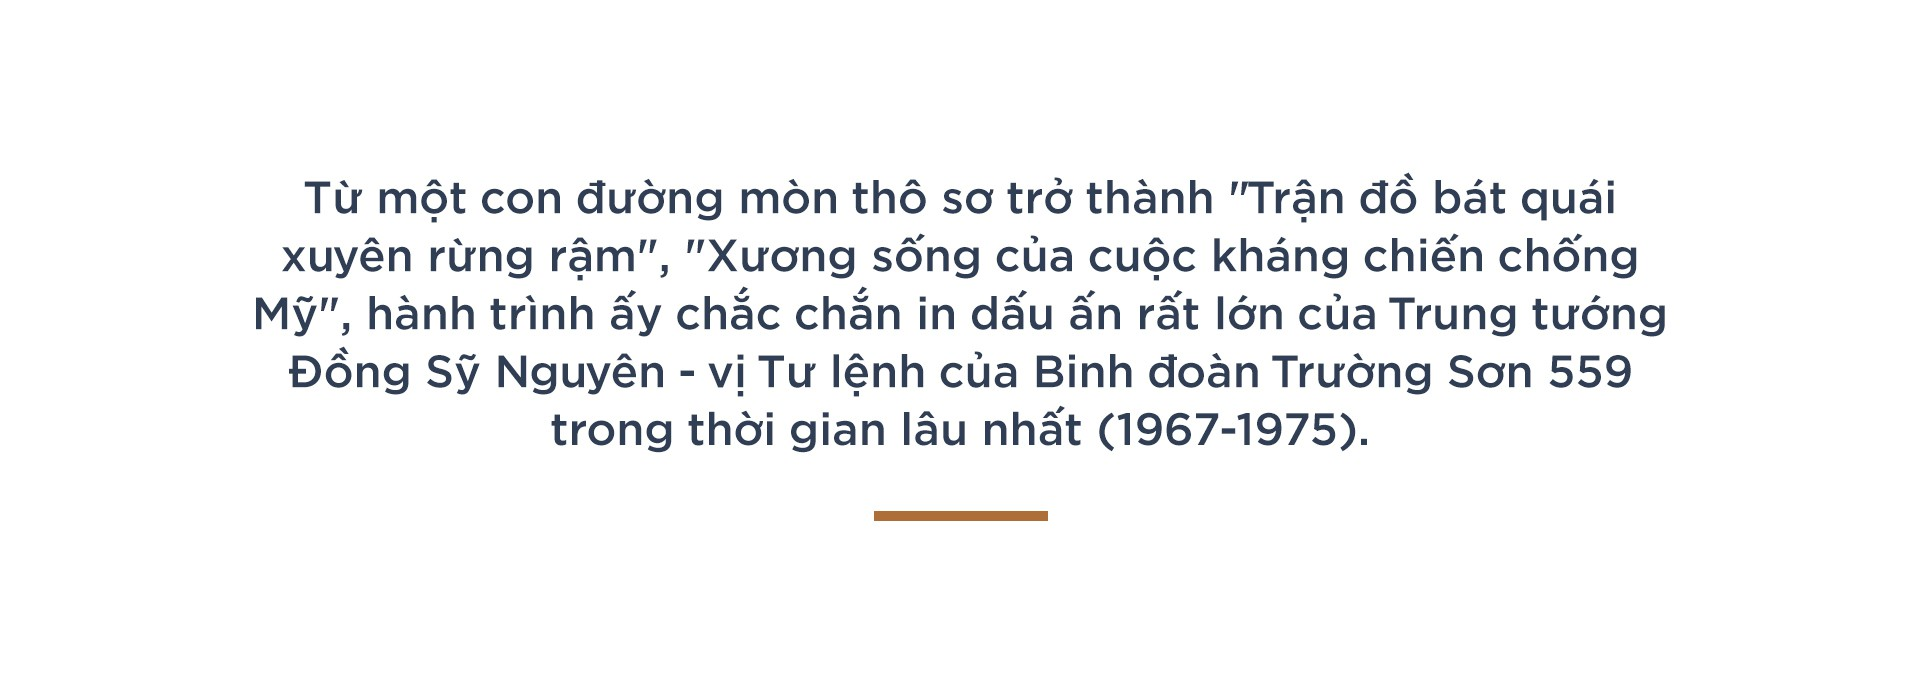 Vĩnh biệt vị tướng già huyền thoại - Đồng Sỹ Nguyên - Ảnh 3.